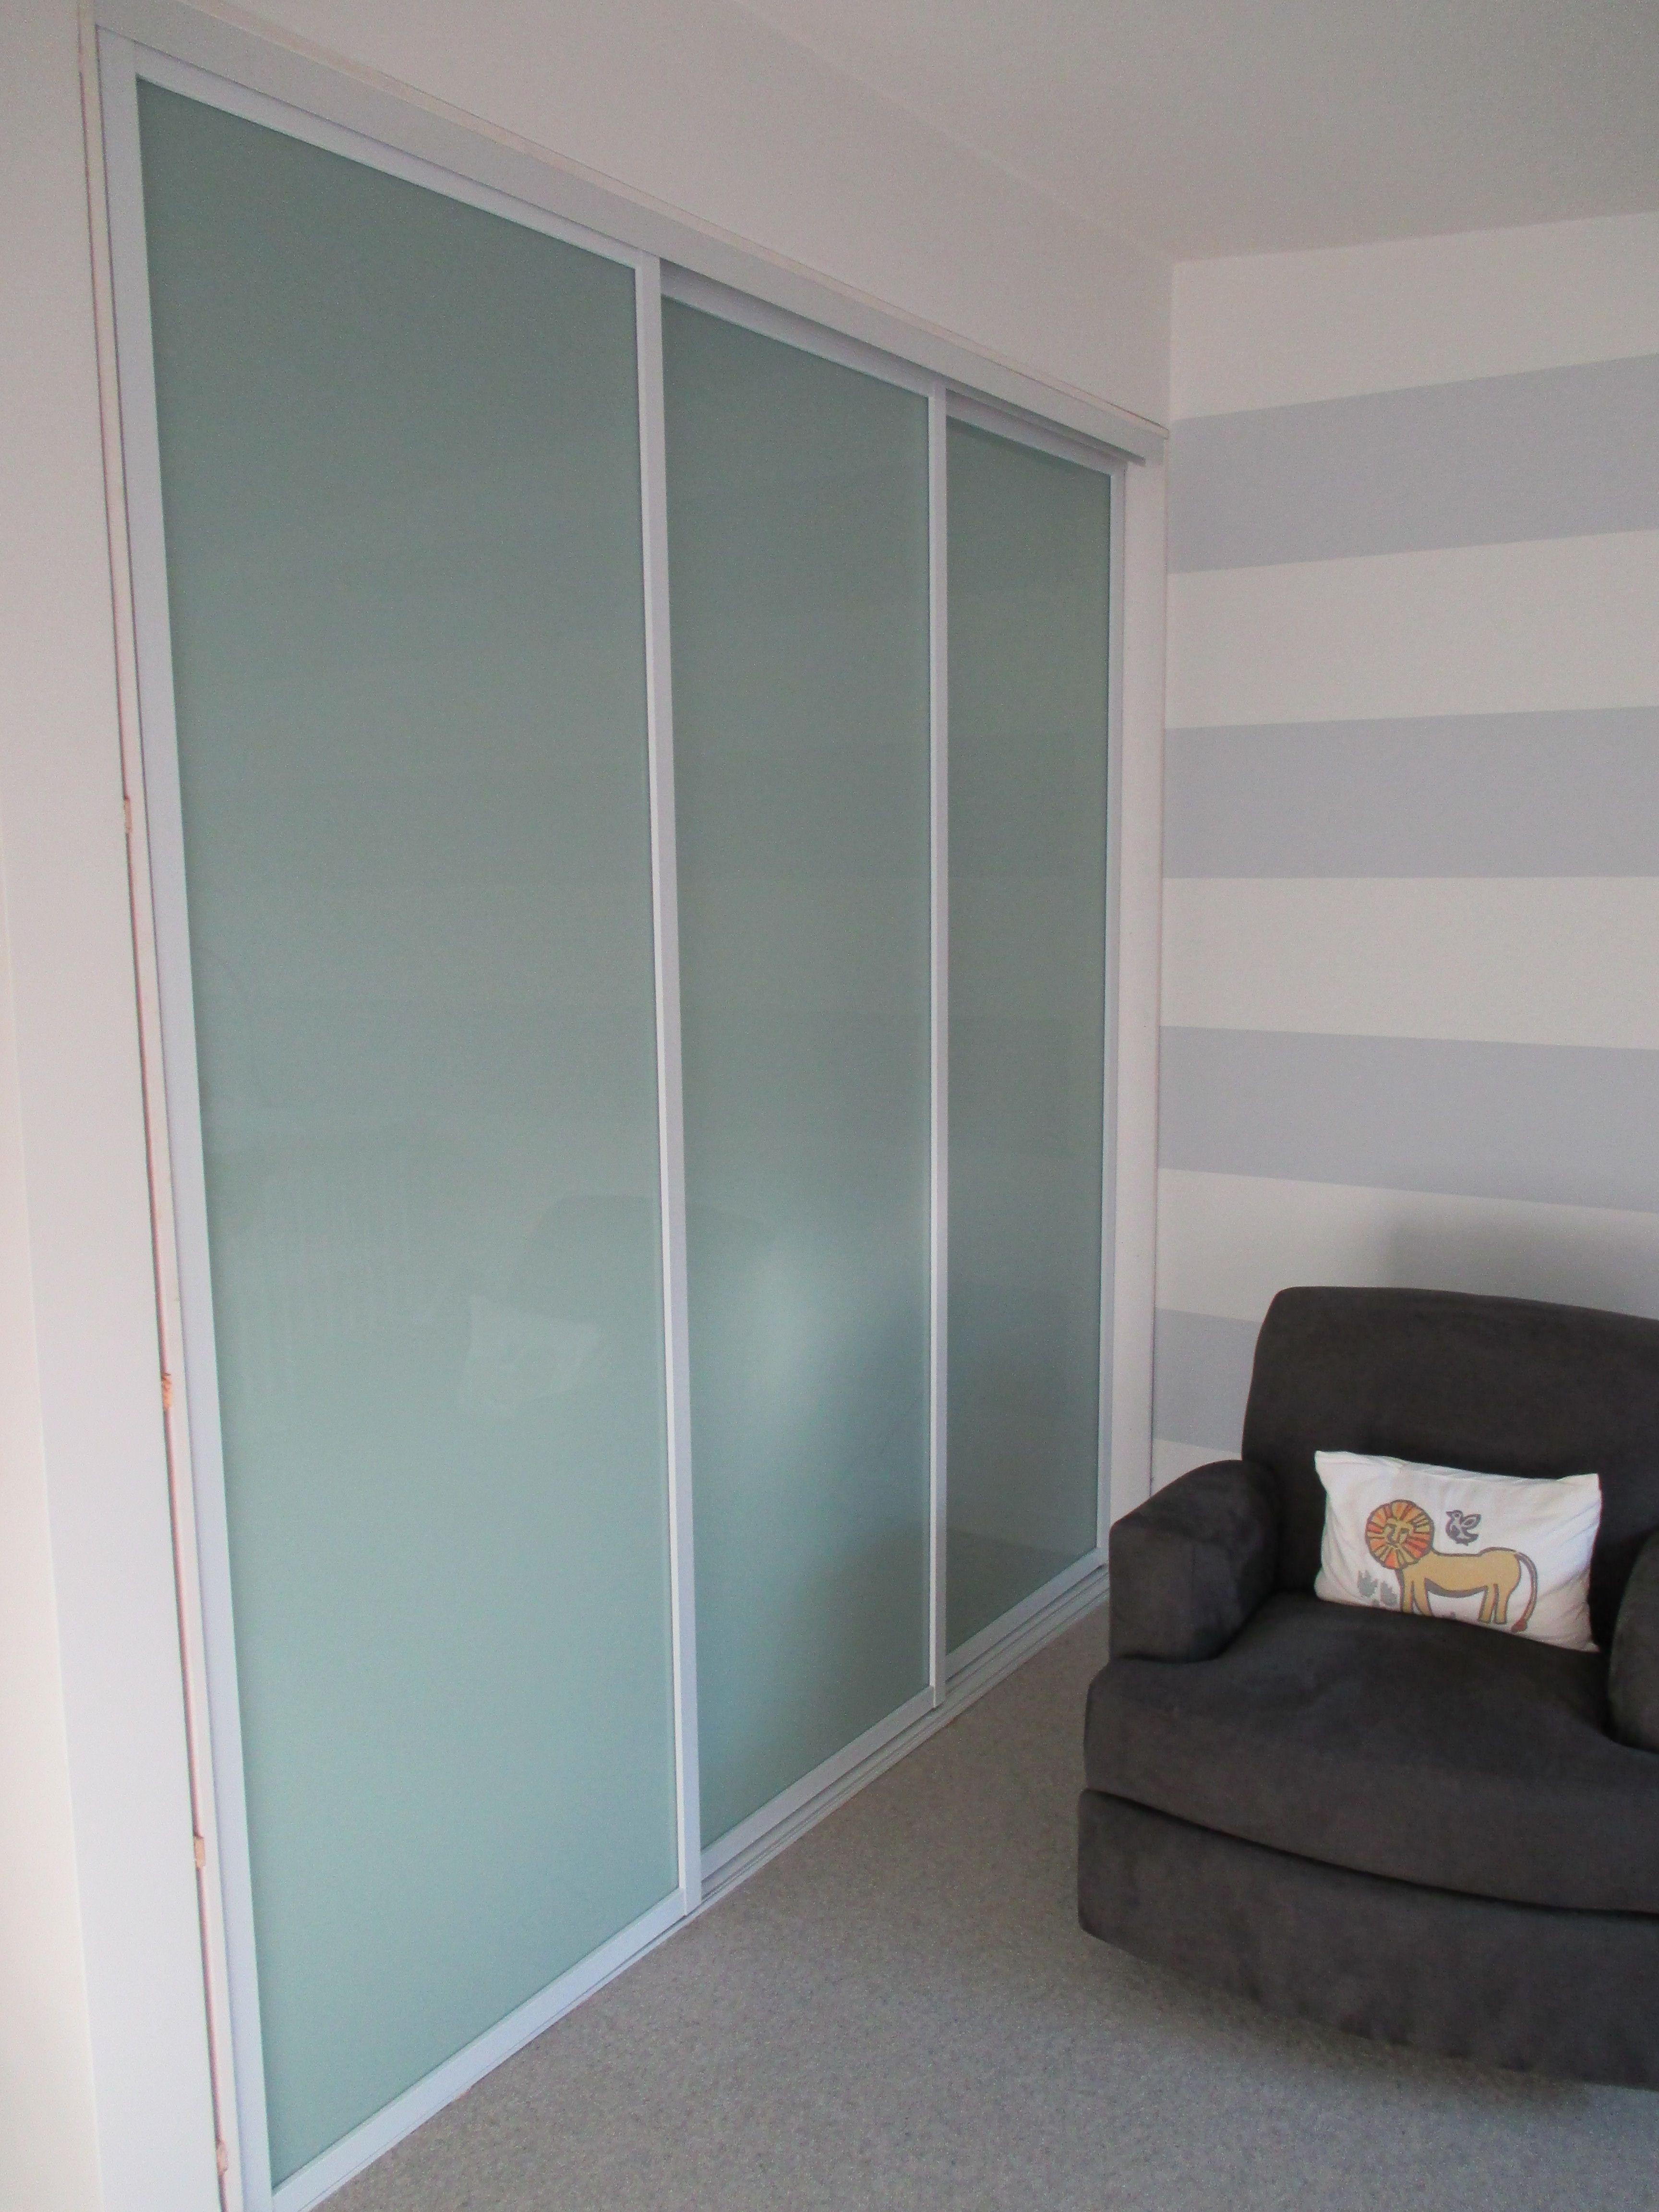 panel tracks for sliding glass doors